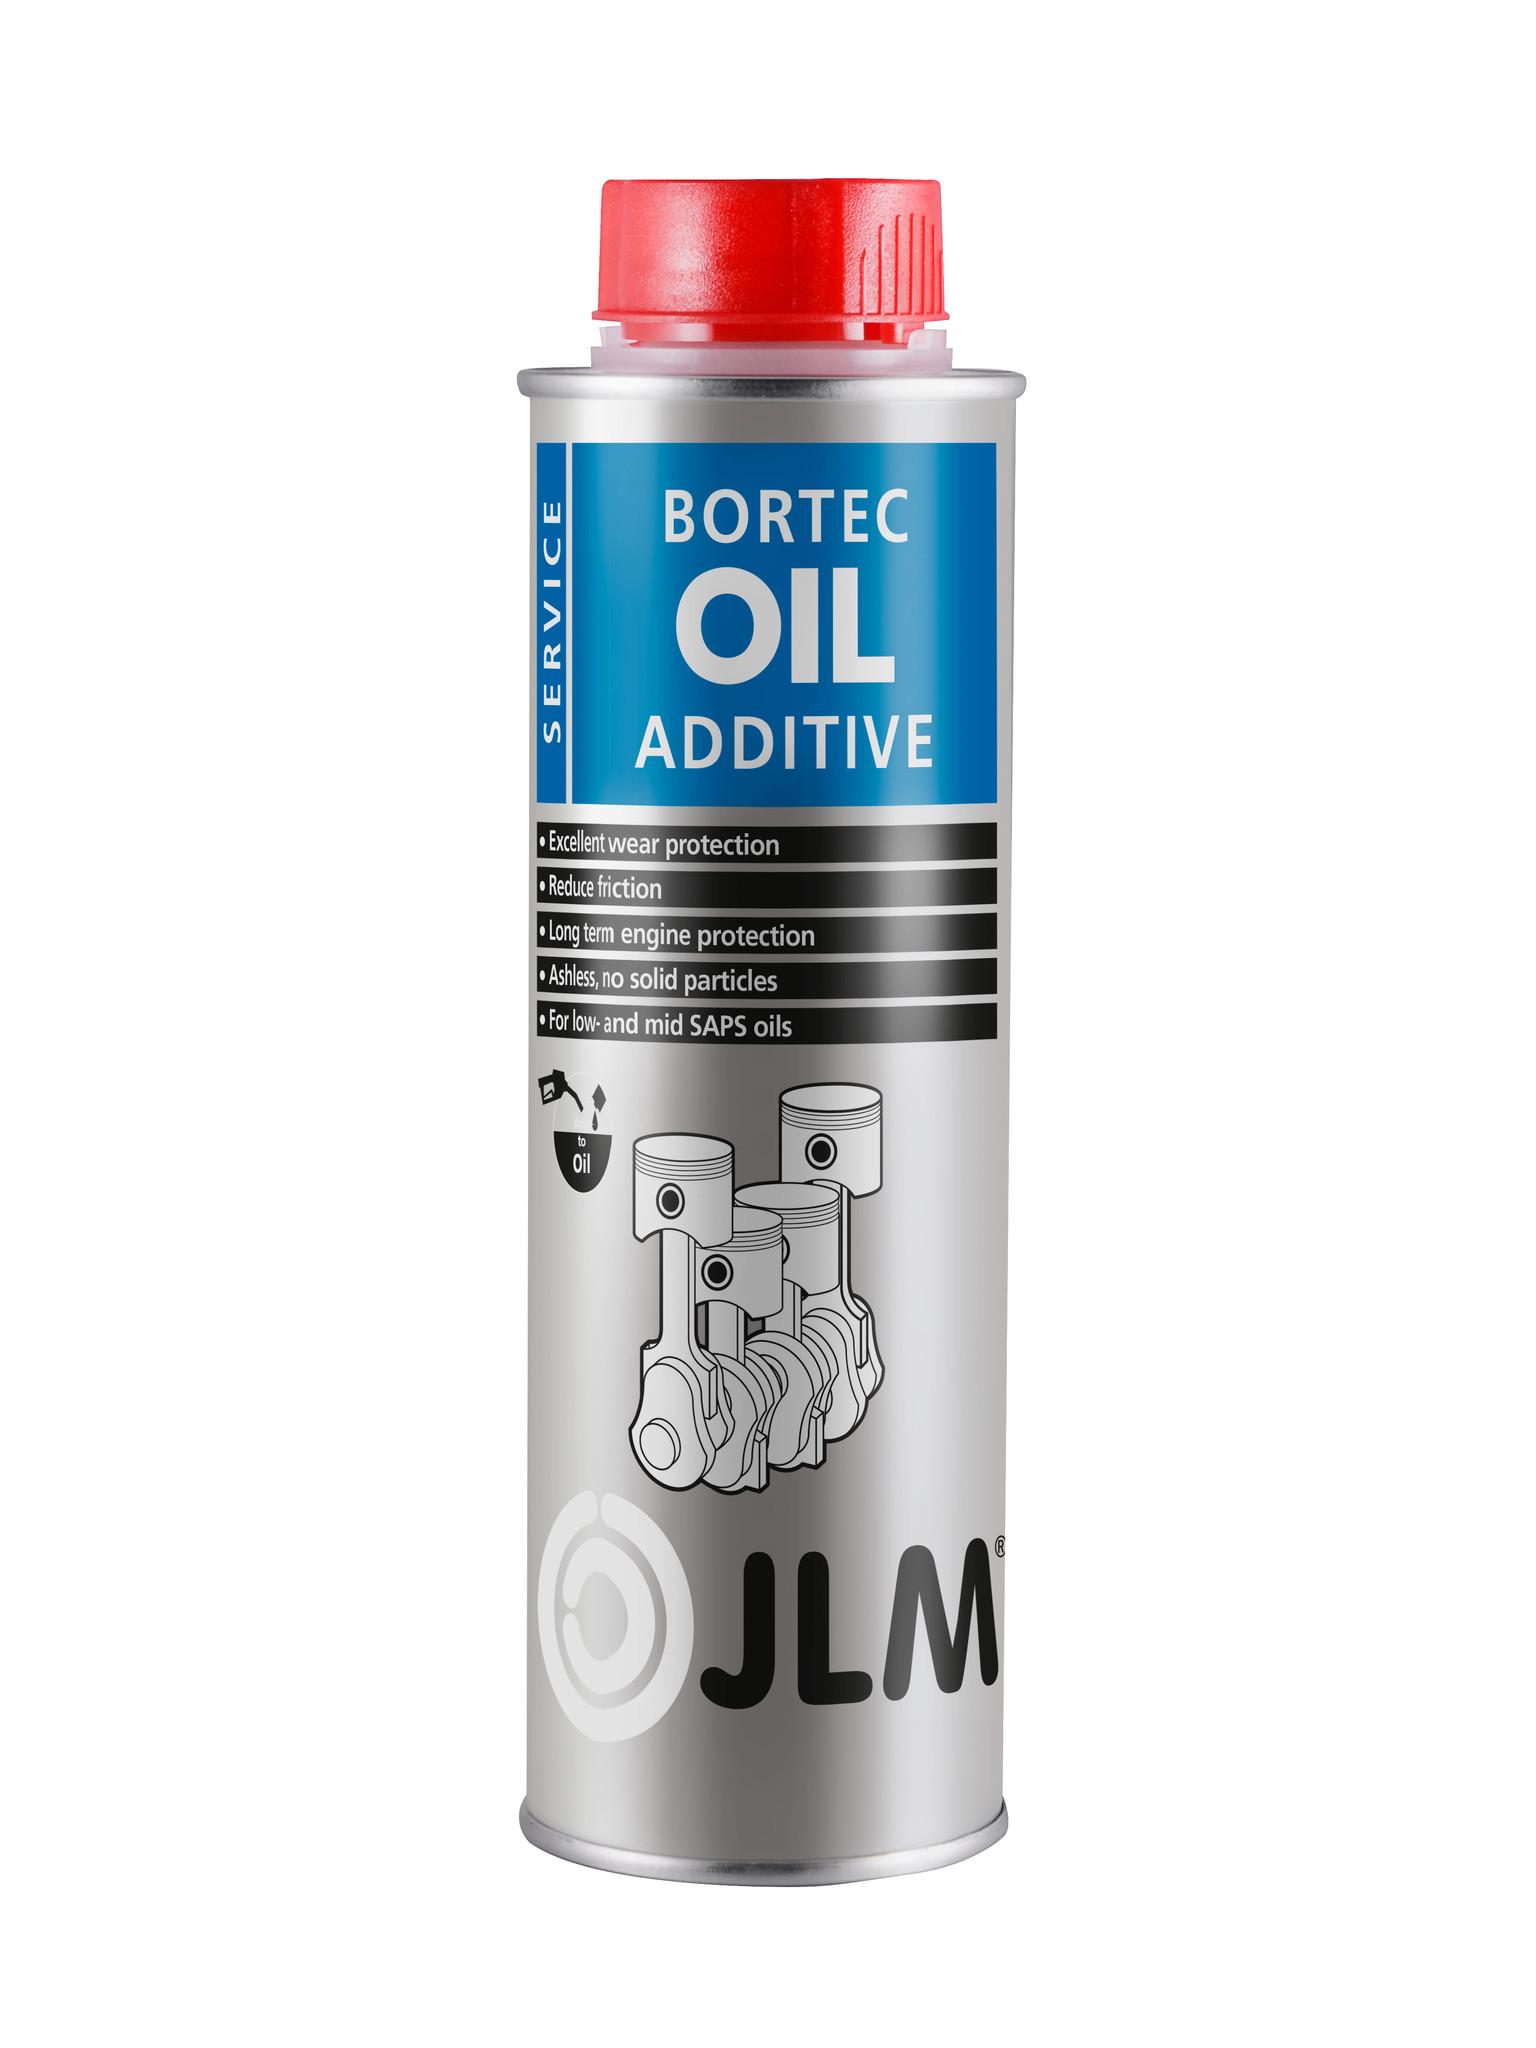 jlm-bortec-najnovsia-generacia-kermickej-prisady-do-oleja-250ml